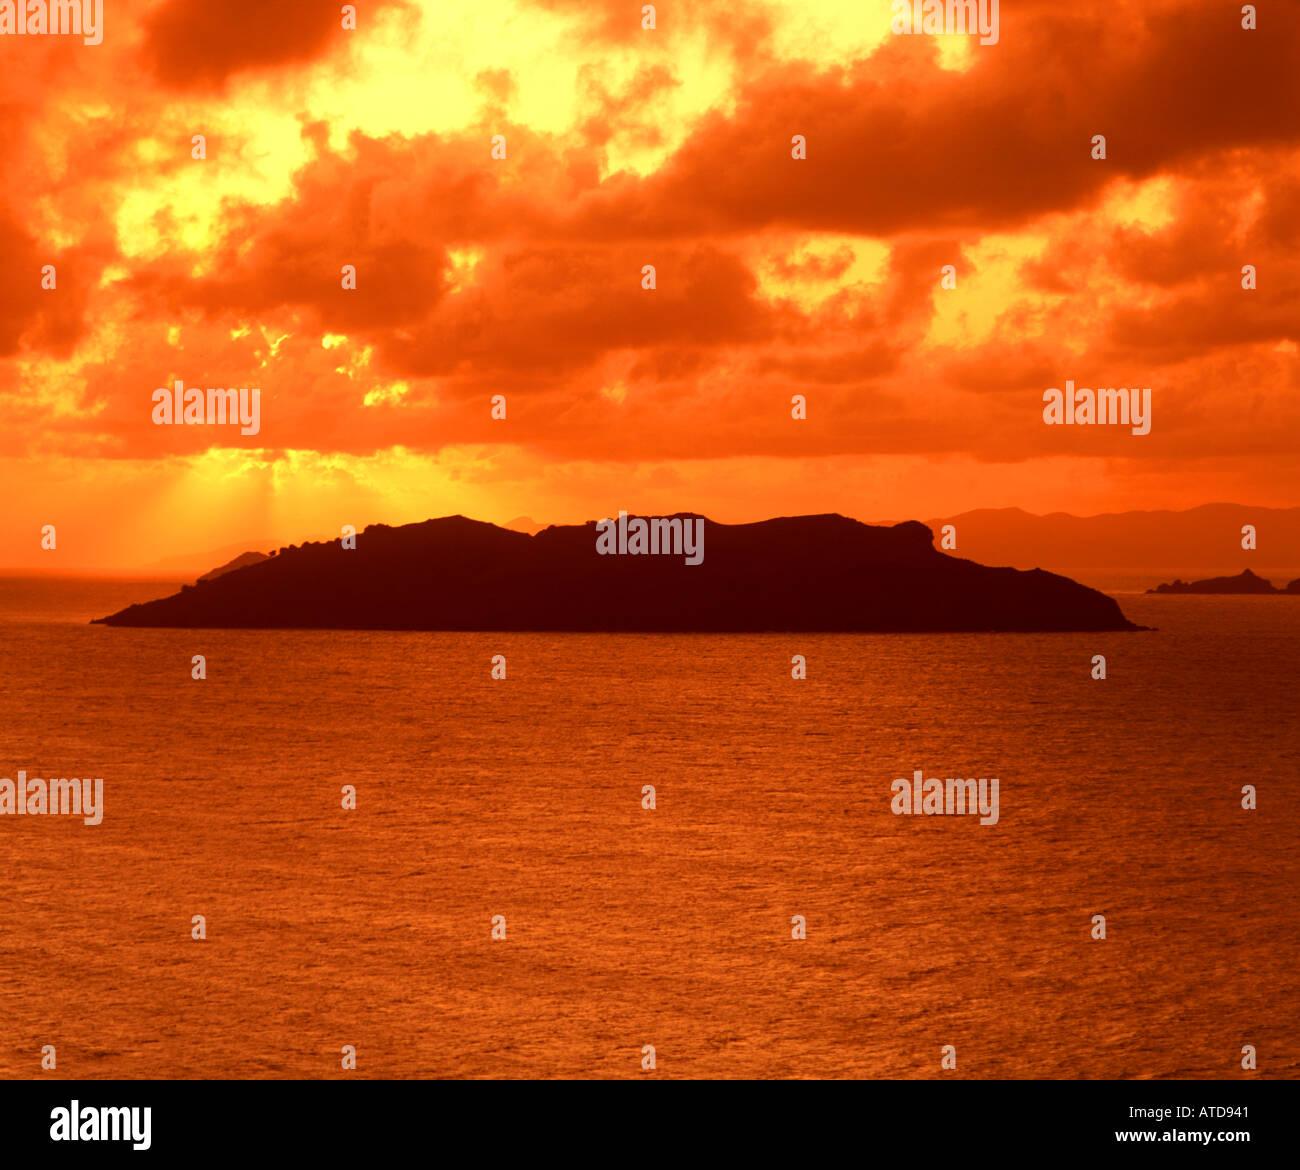 Dramatischer feurigen Himmel auf einer karibischen Insel bei Sonnenuntergang Stockbild